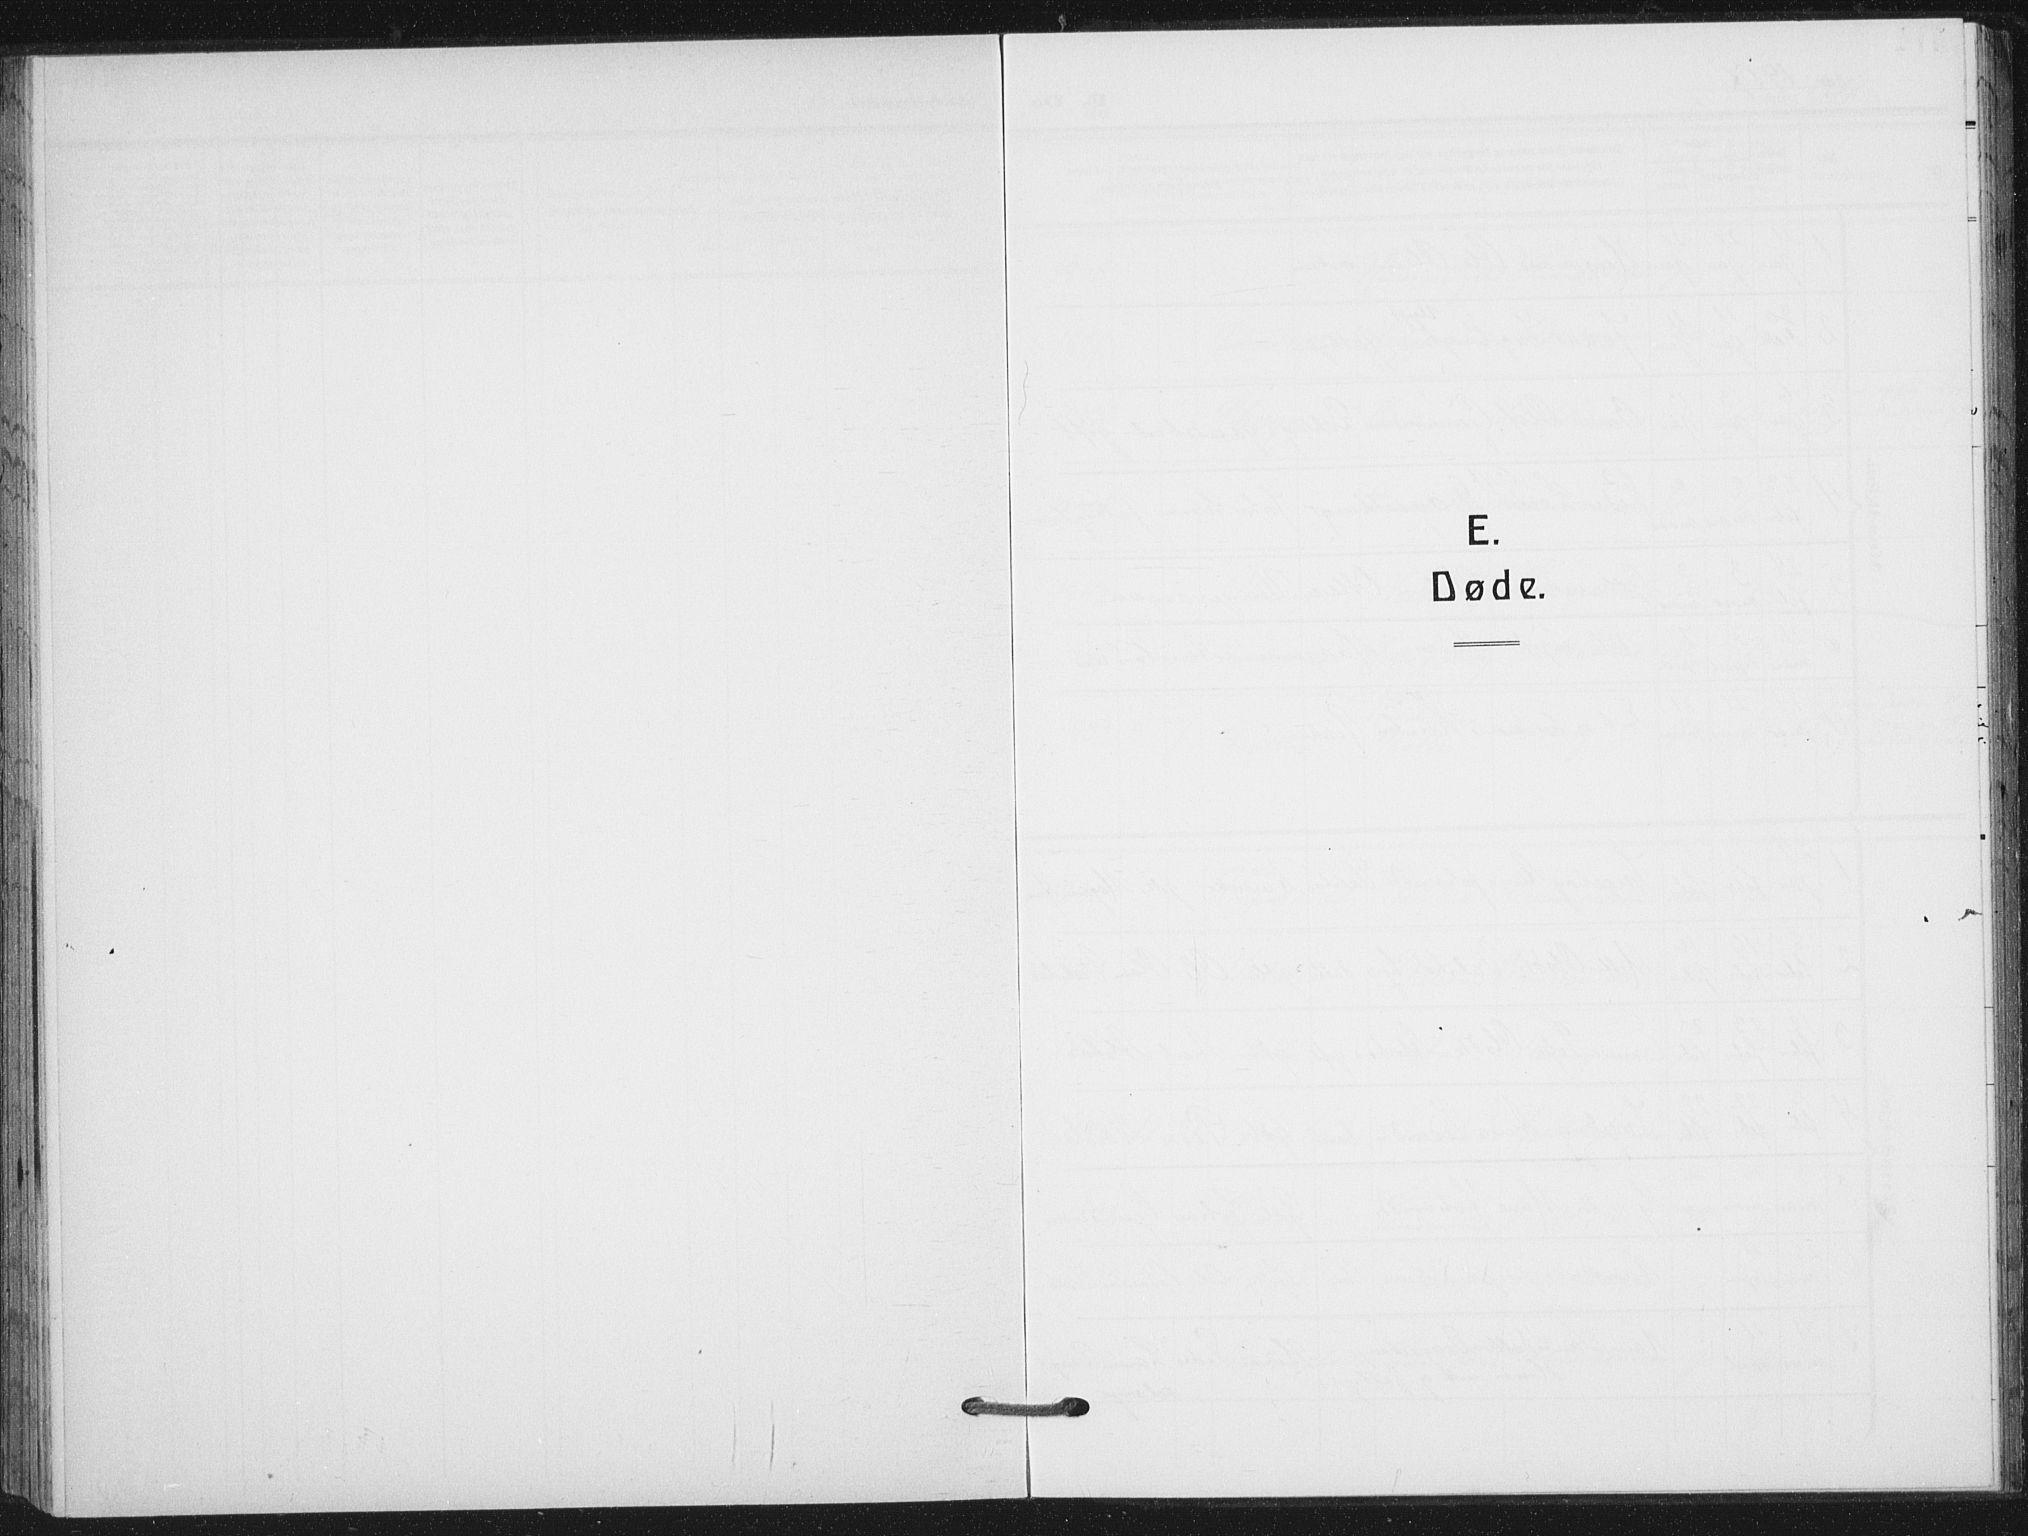 SAT, Ministerialprotokoller, klokkerbøker og fødselsregistre - Nord-Trøndelag, 712/L0102: Ministerialbok nr. 712A03, 1916-1929